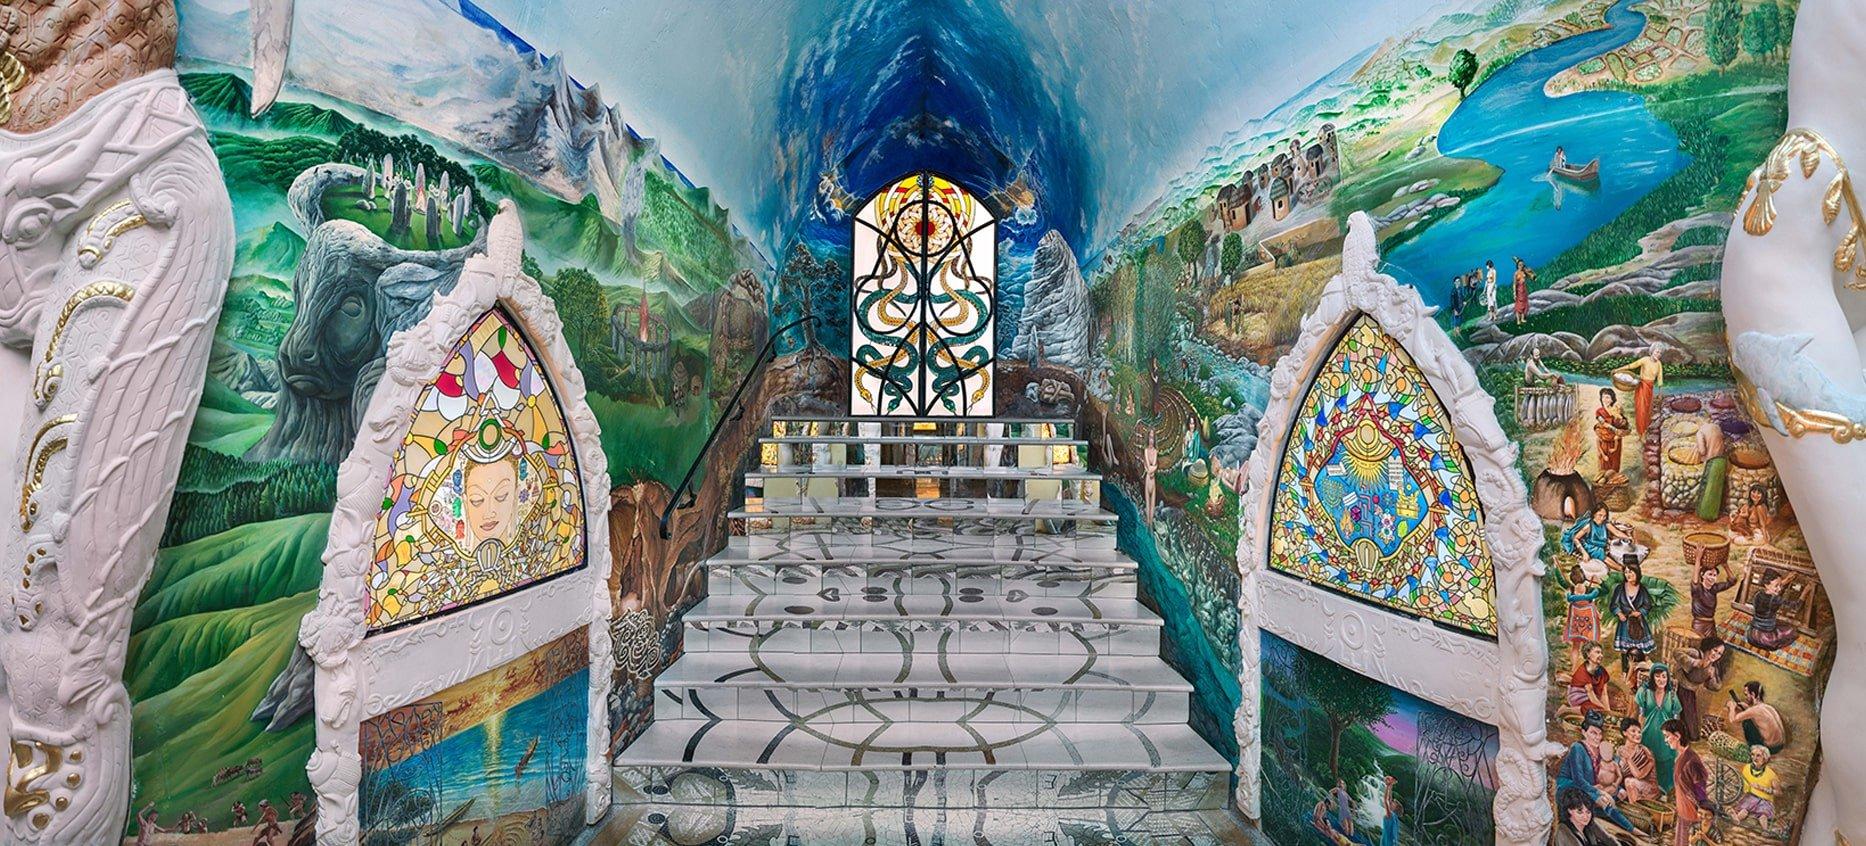 Sala del Labirinto